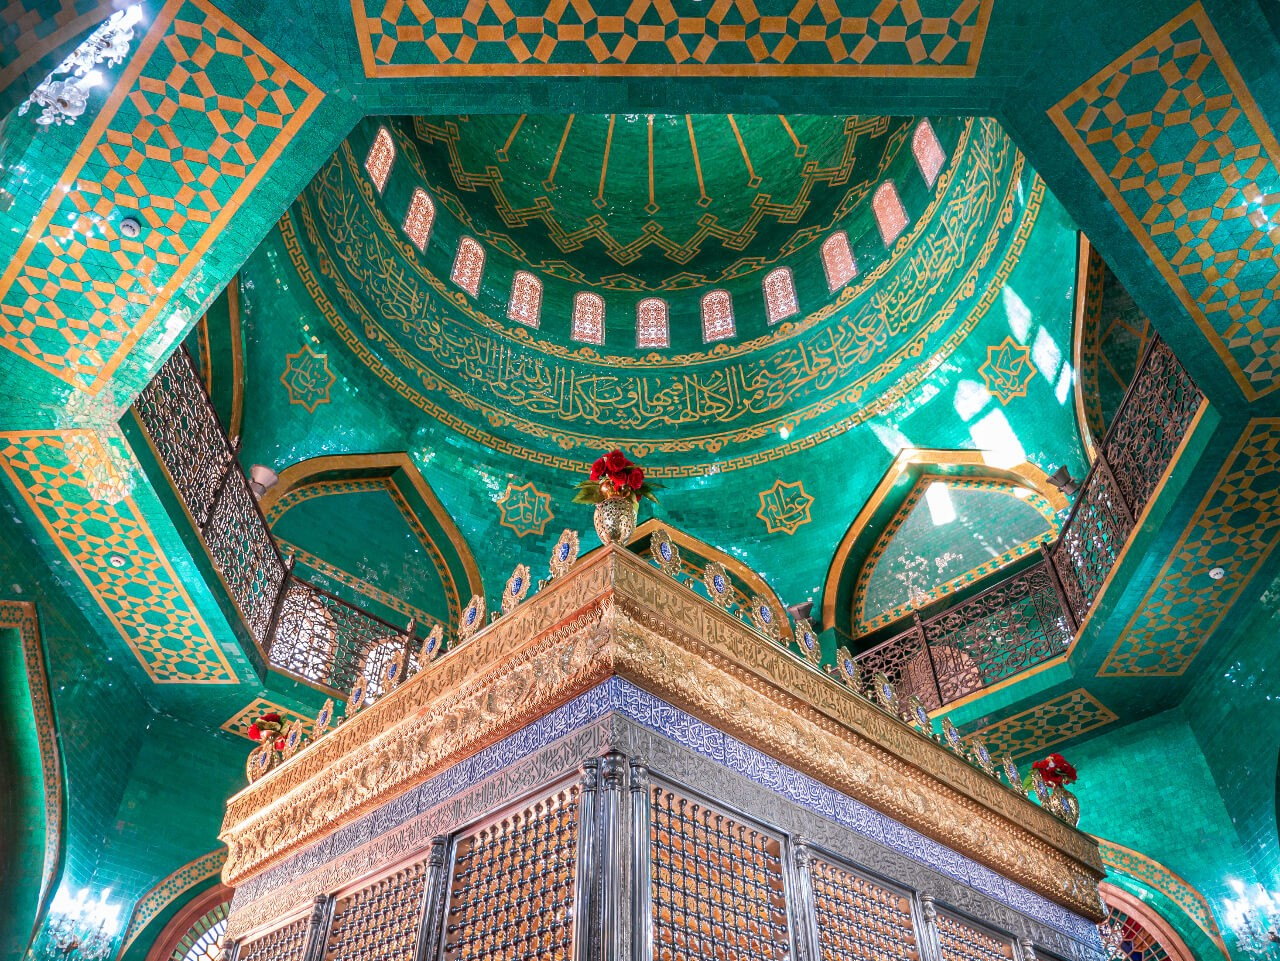 Grobowiec meczet Bibi Heybat Baku Azerbejdżan